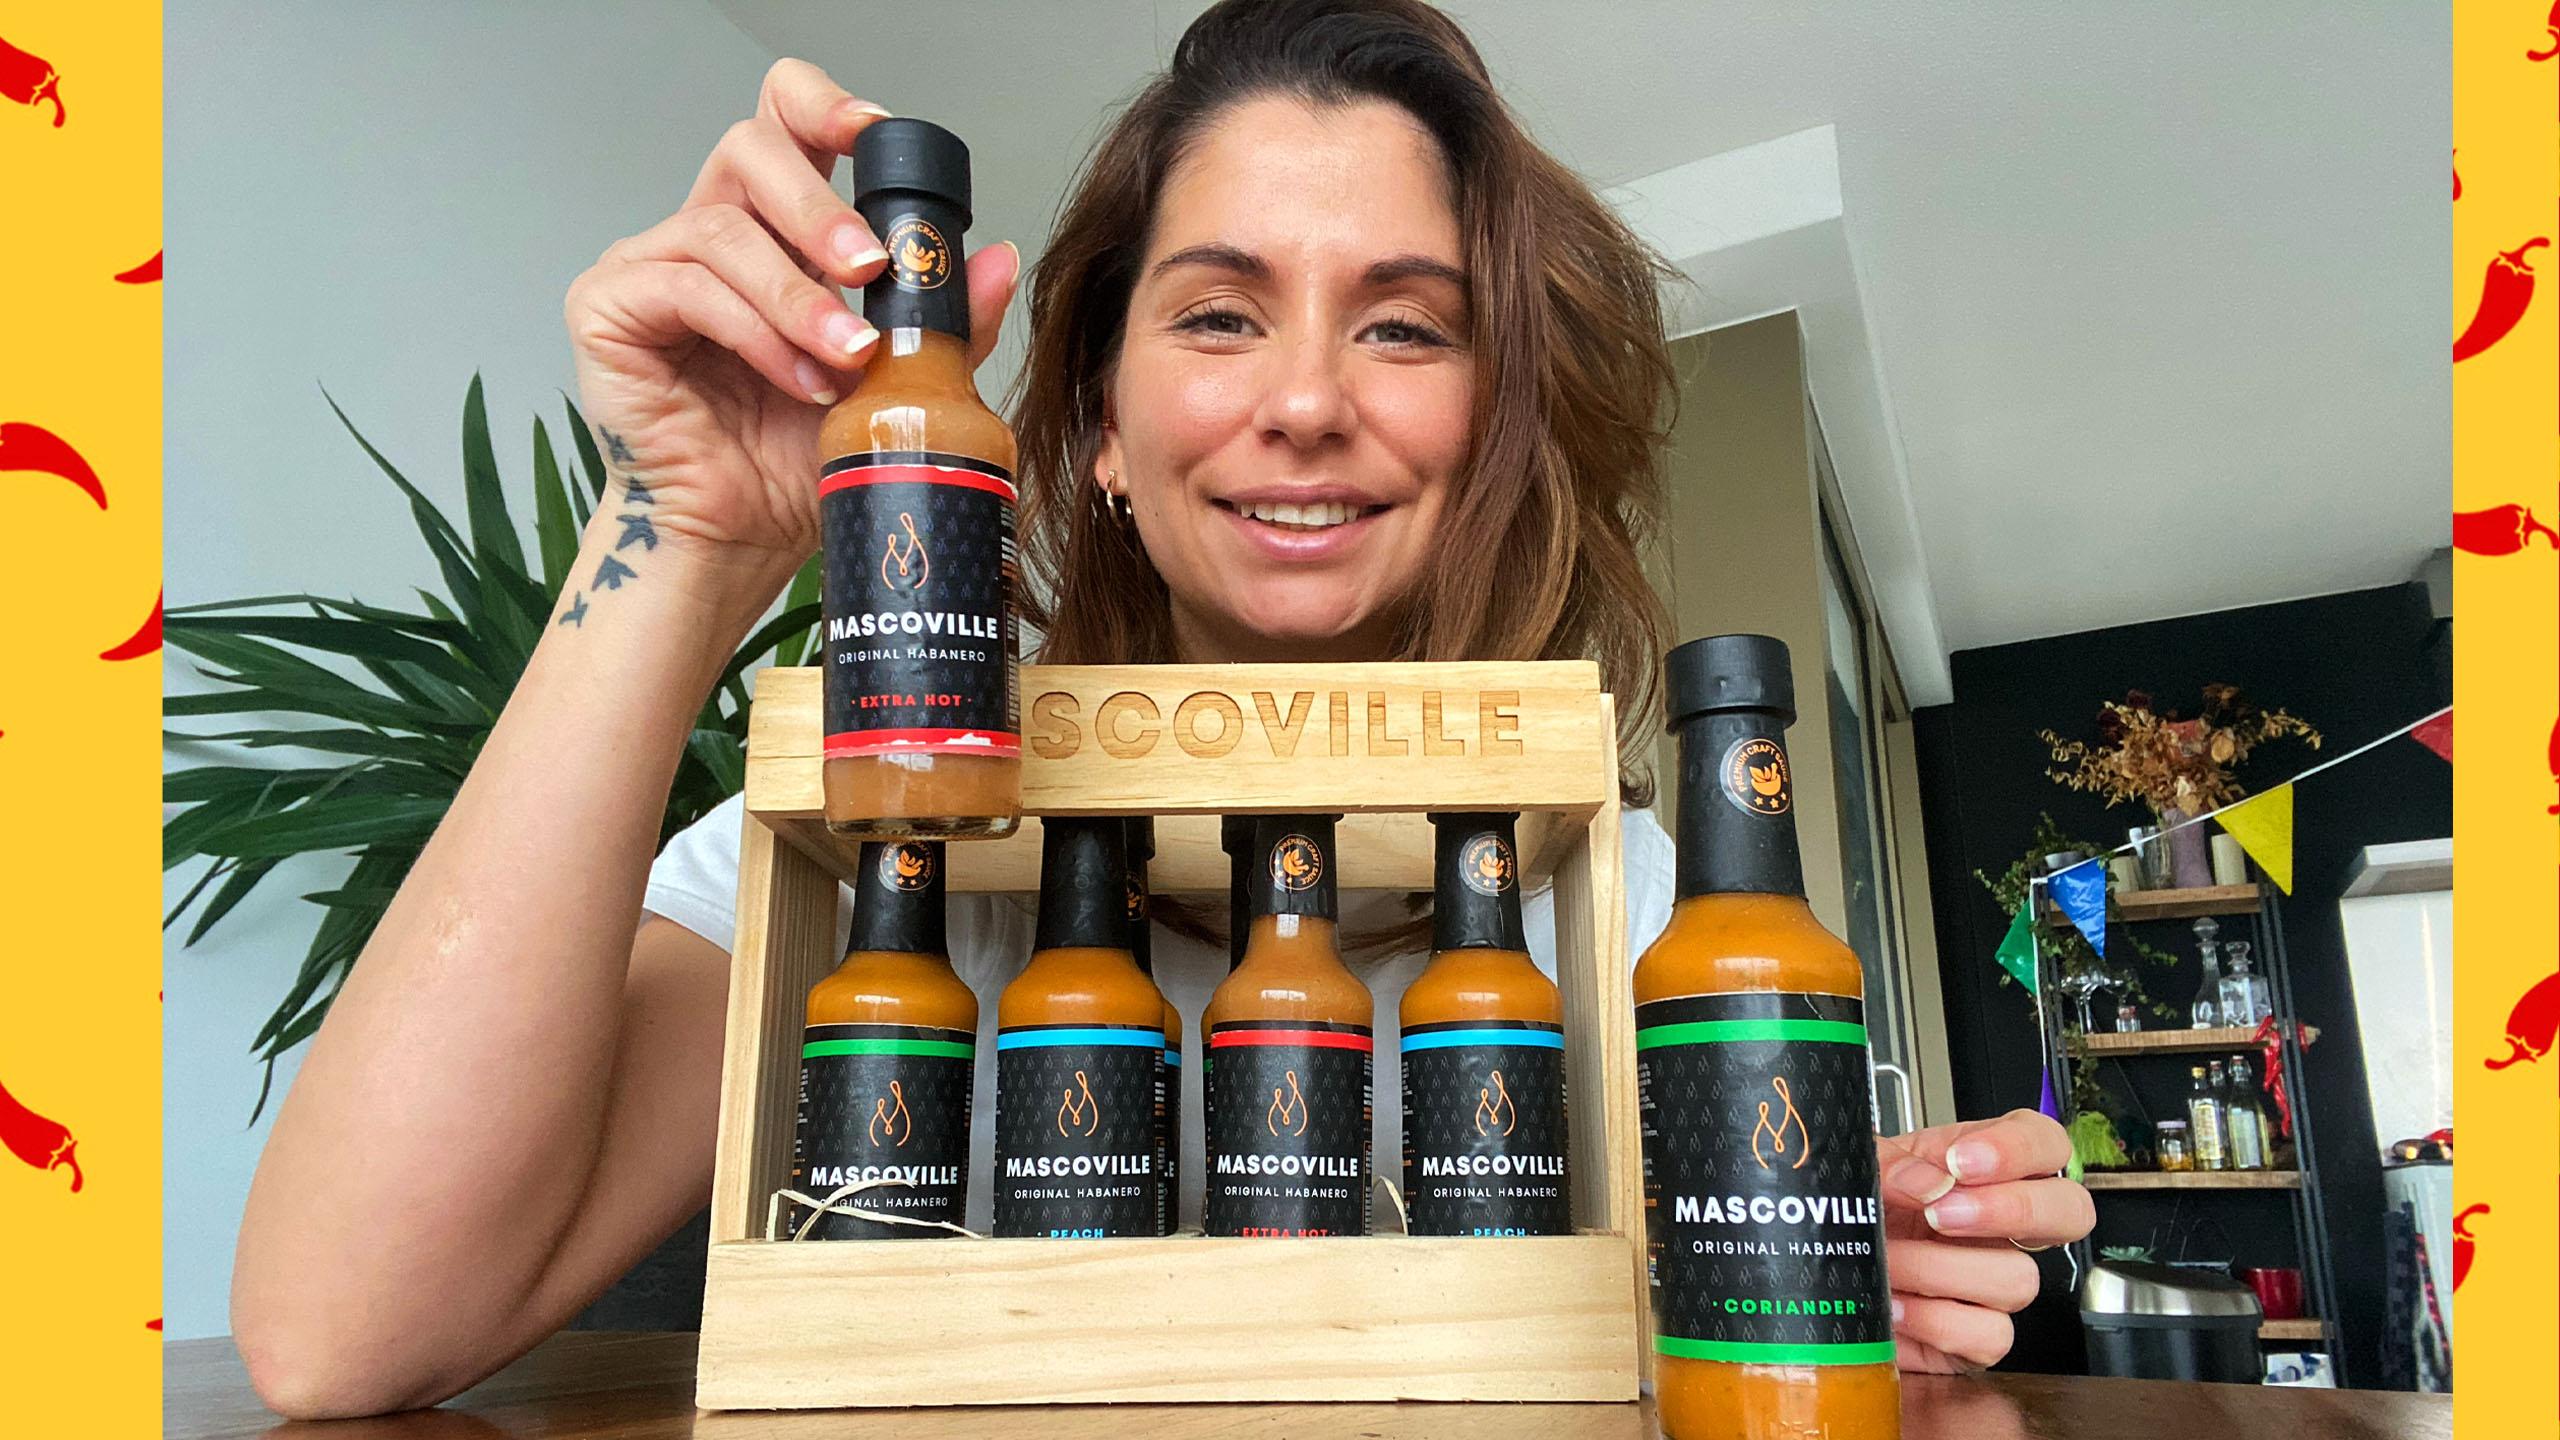 Zuid Afrikaanse Mascoville saus proeven!